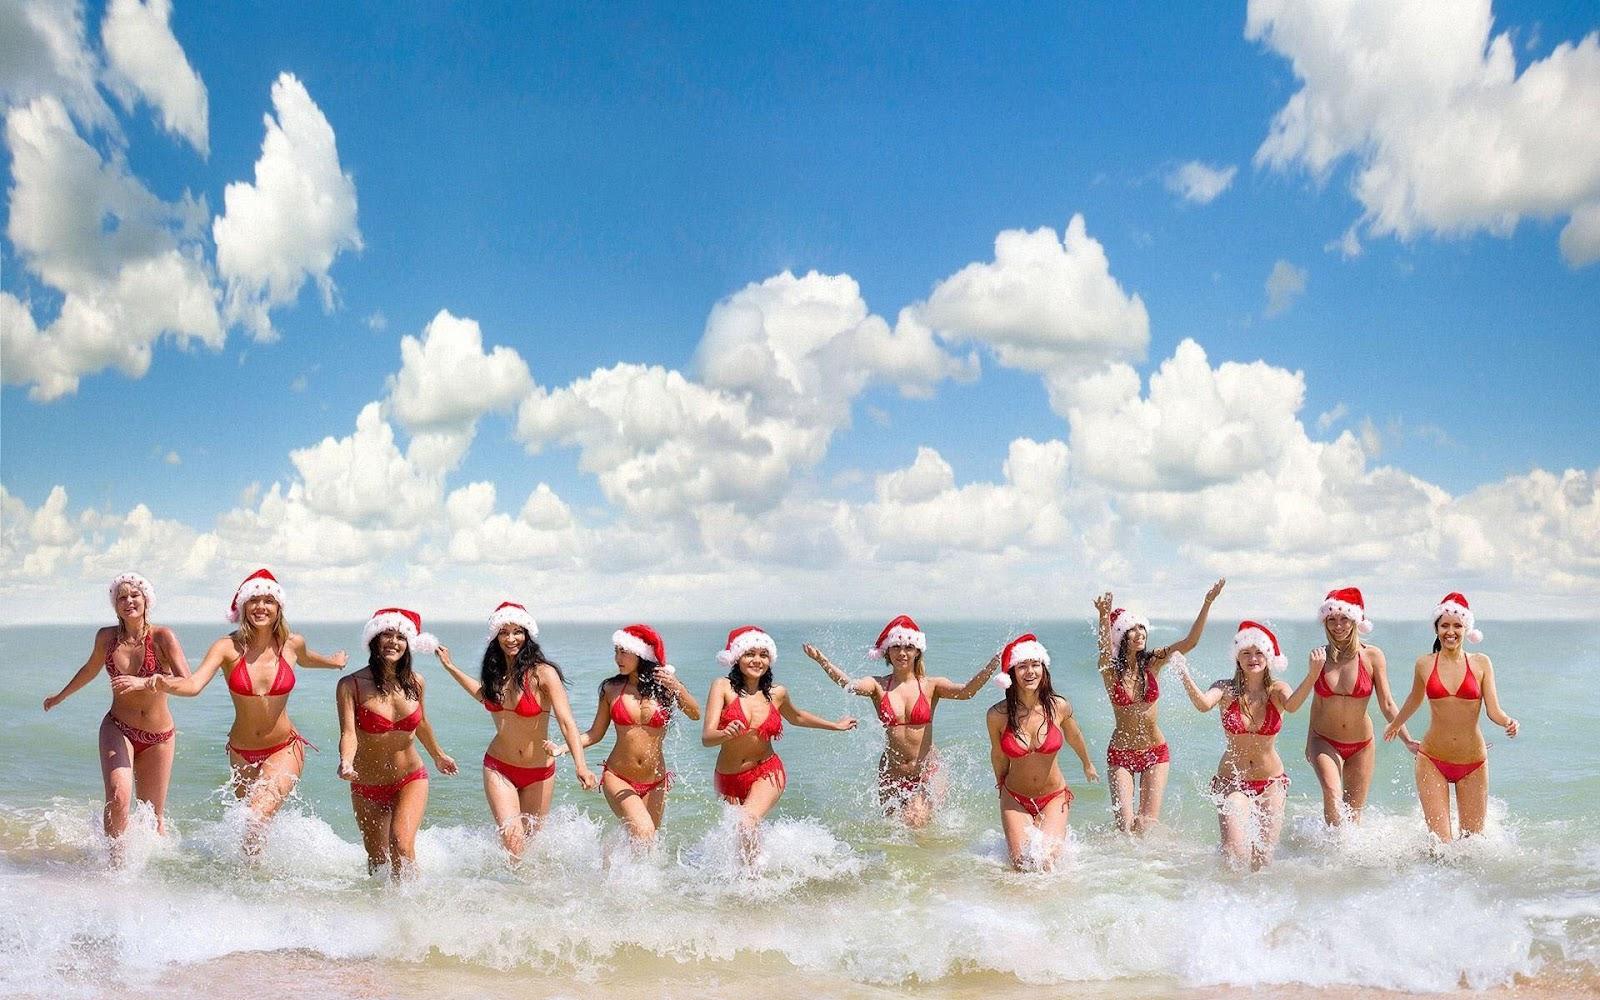 http://3.bp.blogspot.com/-LiMFAayo31k/UDpWTVfHmhI/AAAAAAAABPE/uGw6lqzCbmM/s1600/hd-kerst-wallpaper-vrouwen-in-rode-bikini-en-kerstmuts-lopen-uit-de-zee-hd-meiden-achtergrond-foto.jpg